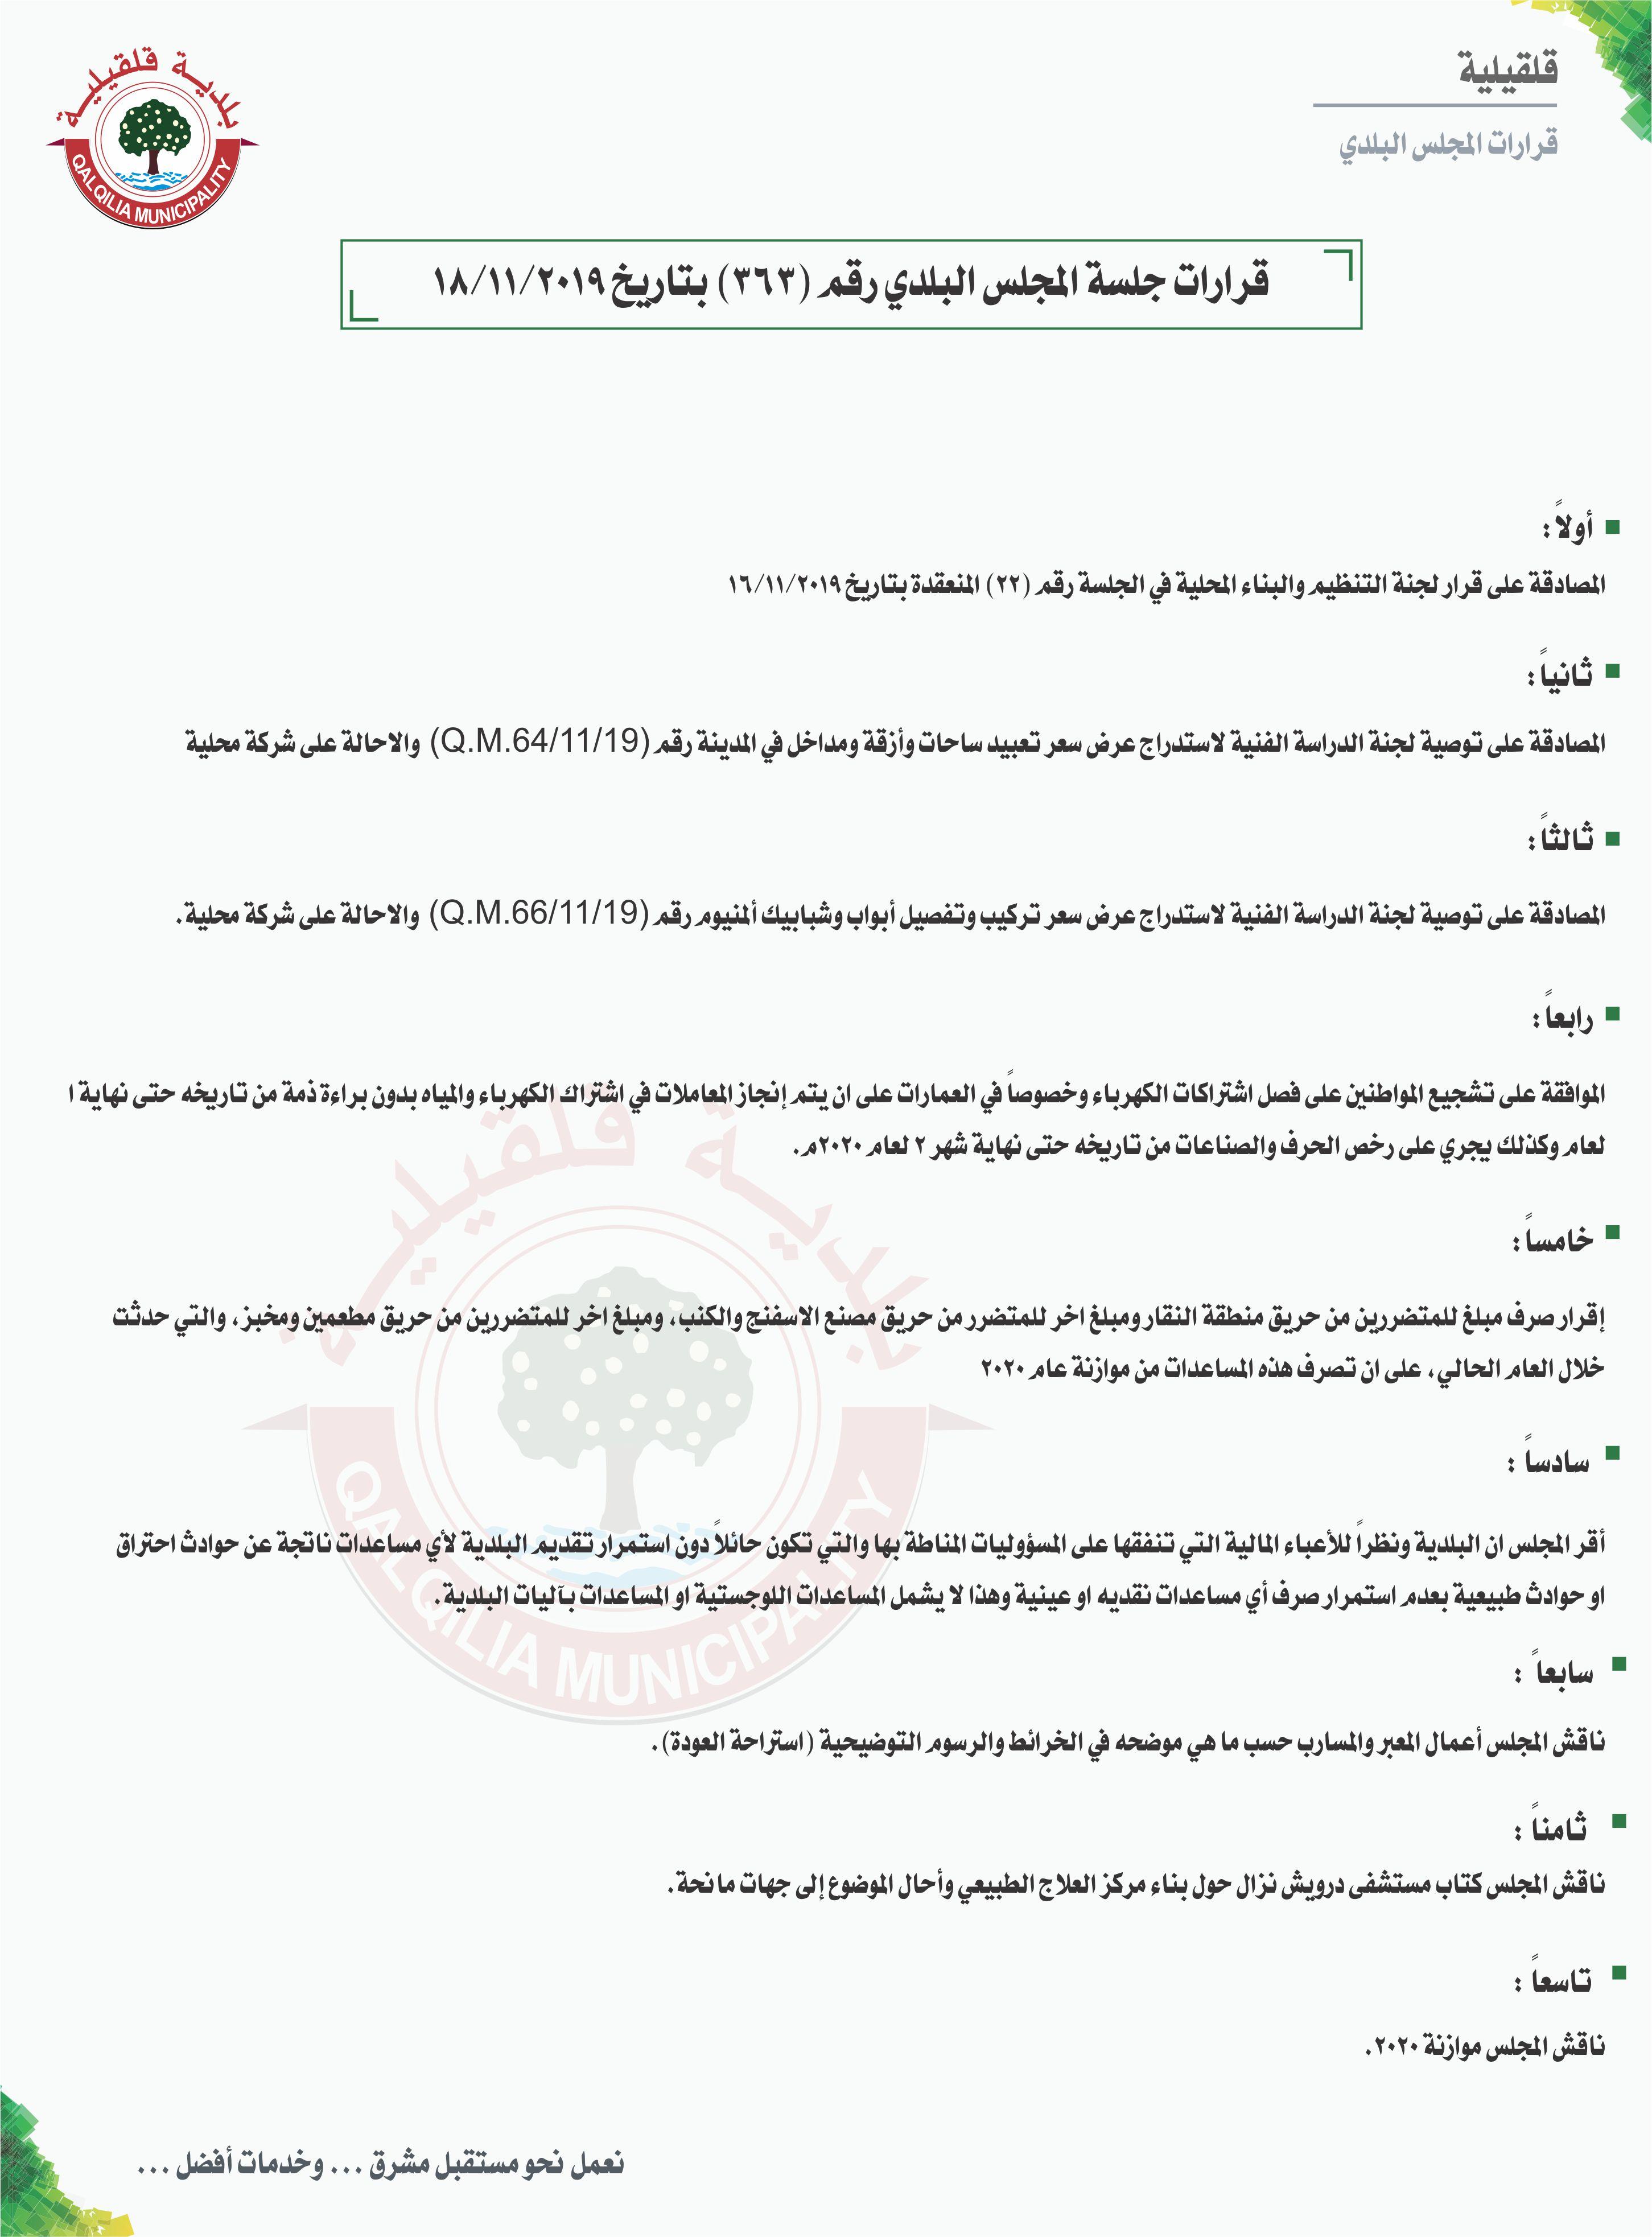 قرارات جلسة المجلس البلدي رقم (363) بتاريخ 18/11/2019